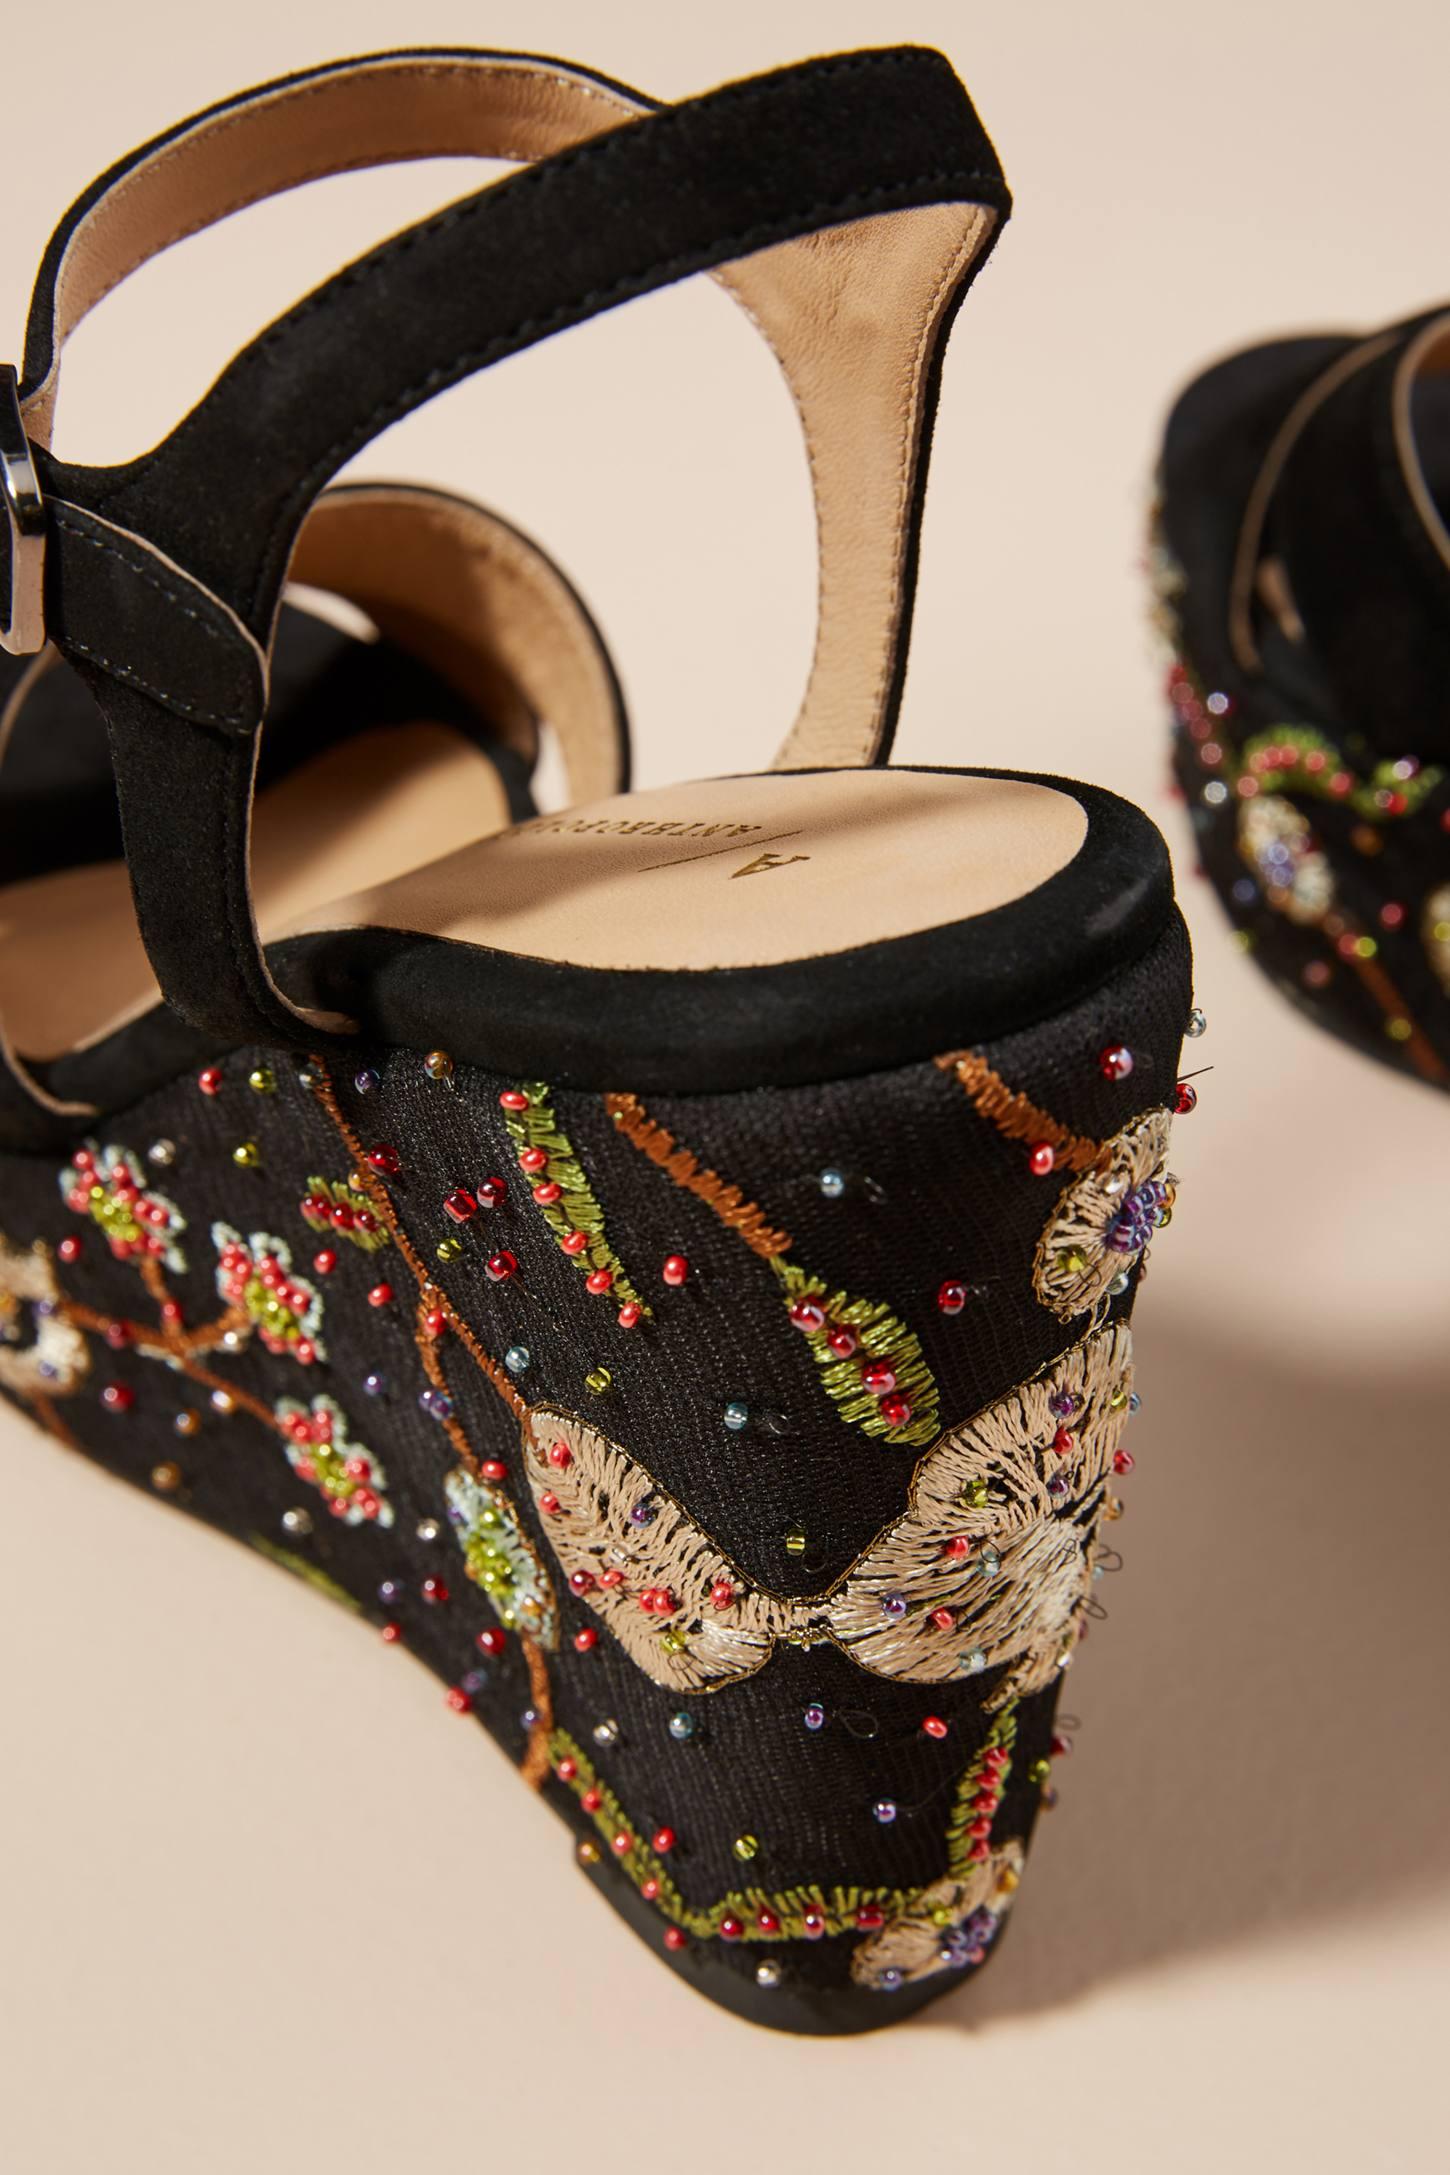 Saint G Embellished Wedge Sandals